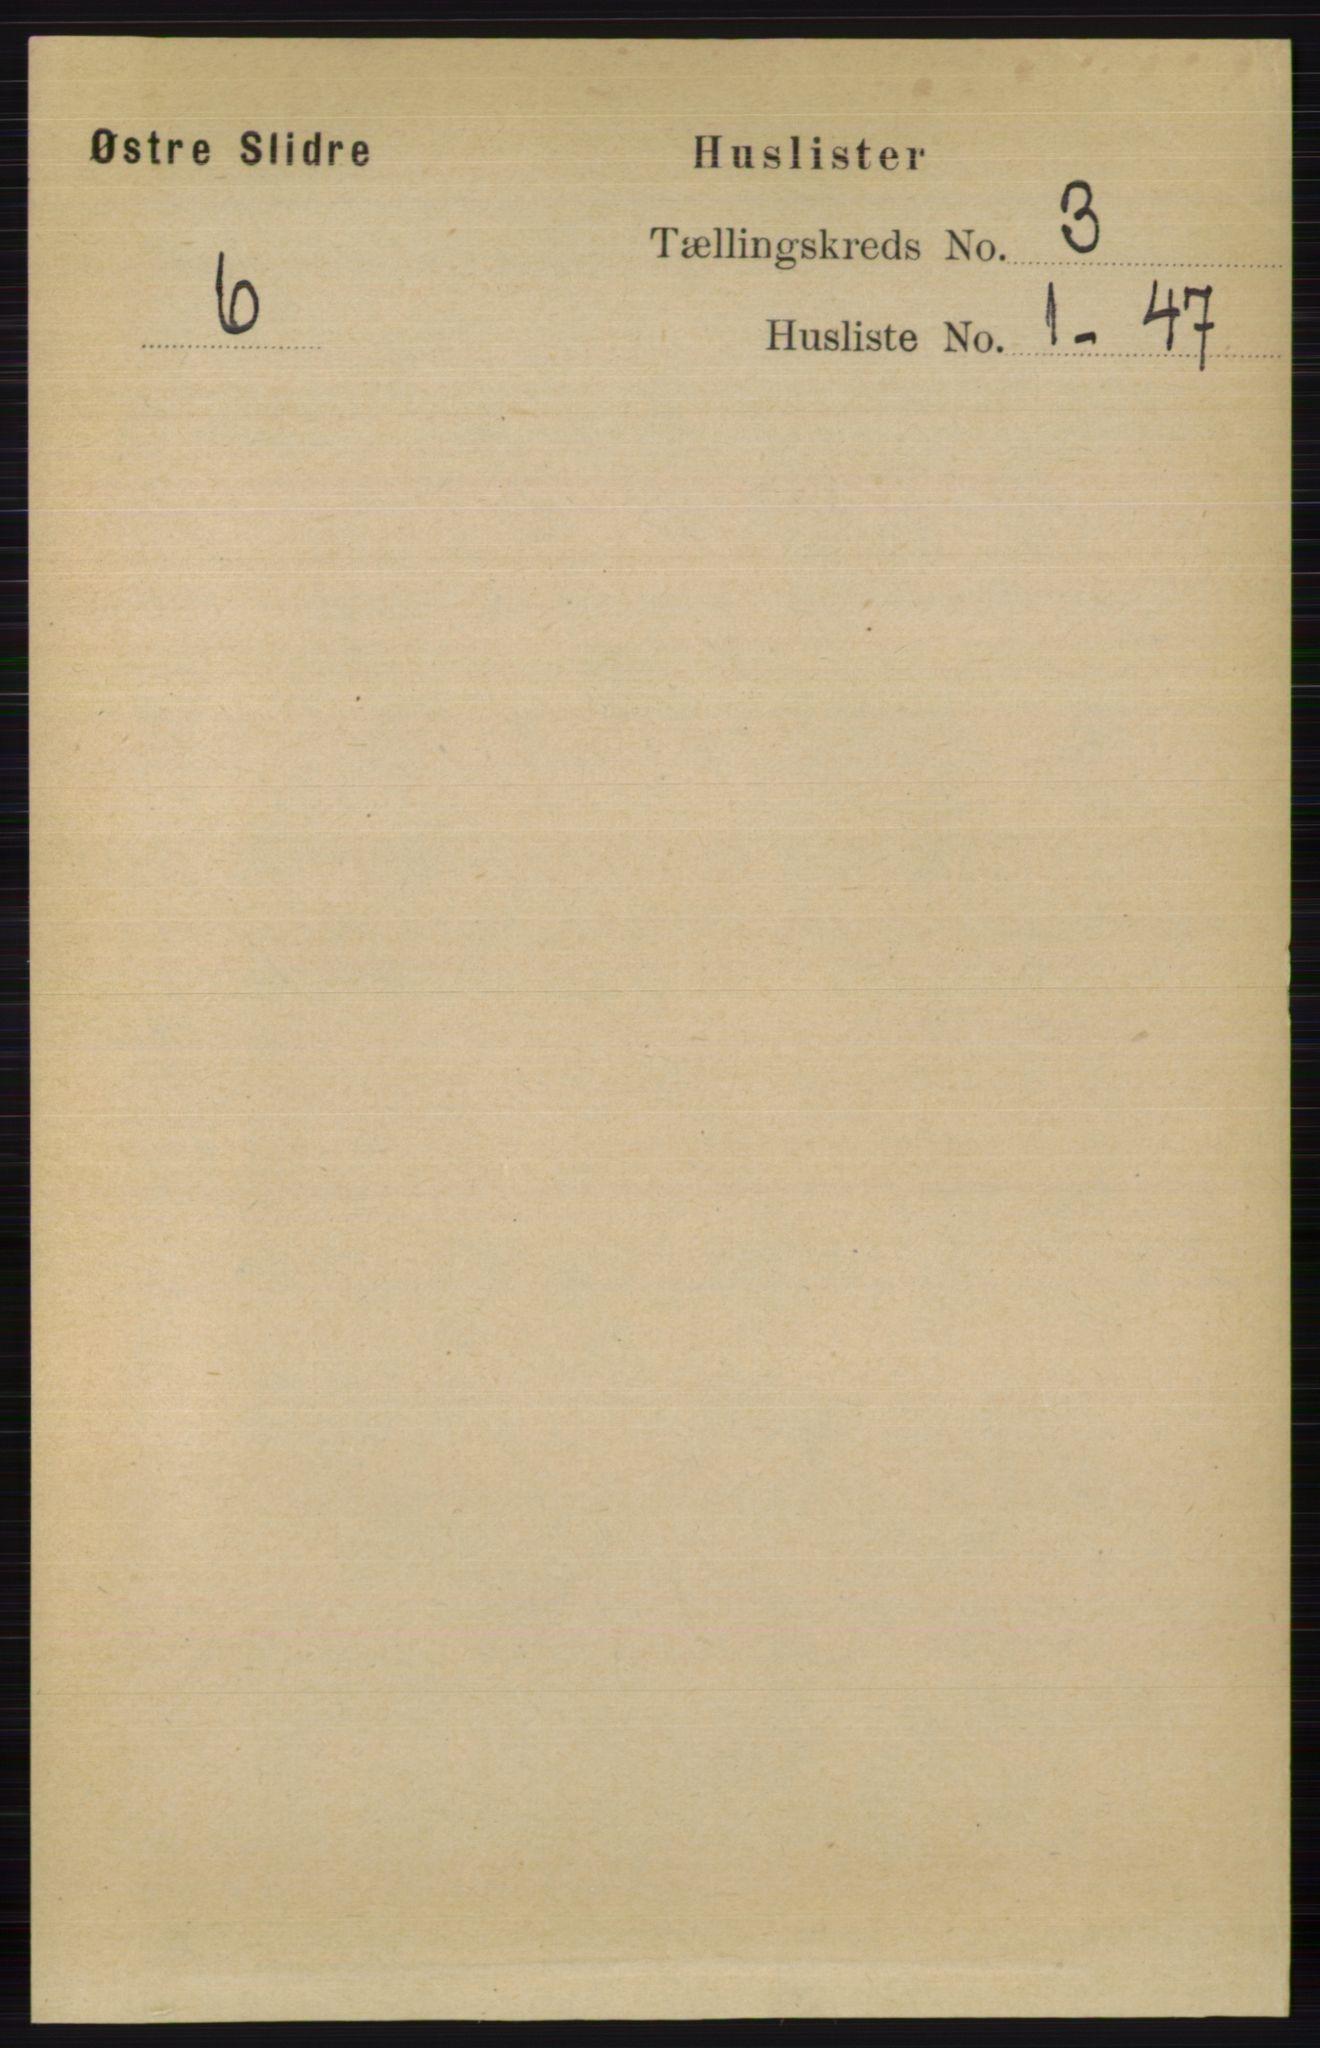 RA, Folketelling 1891 for 0544 Øystre Slidre herred, 1891, s. 549